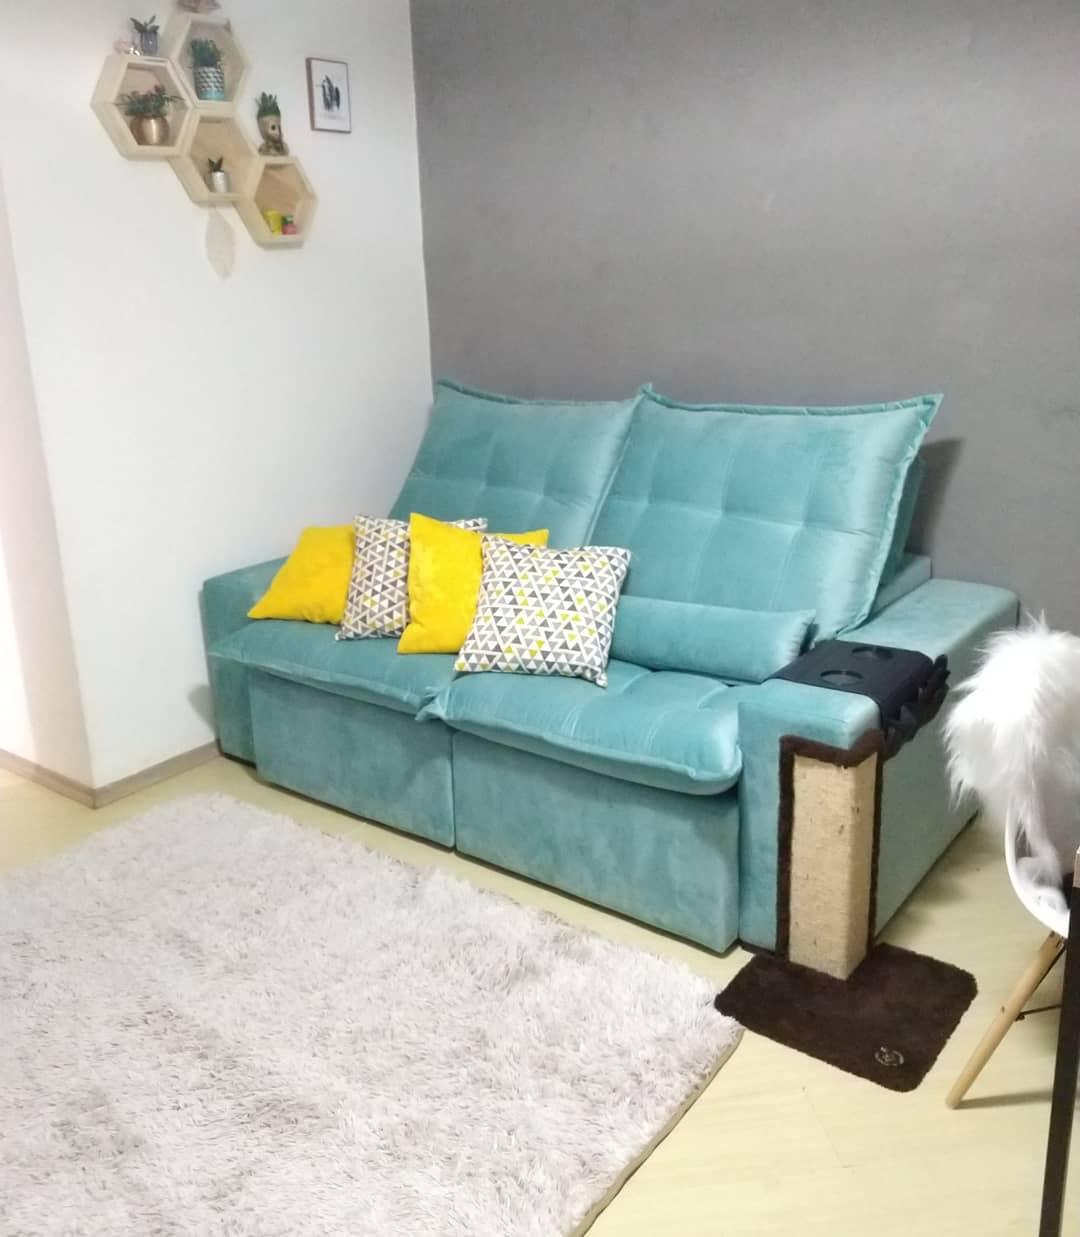 sofa azul turquesa com almofadas amarelas